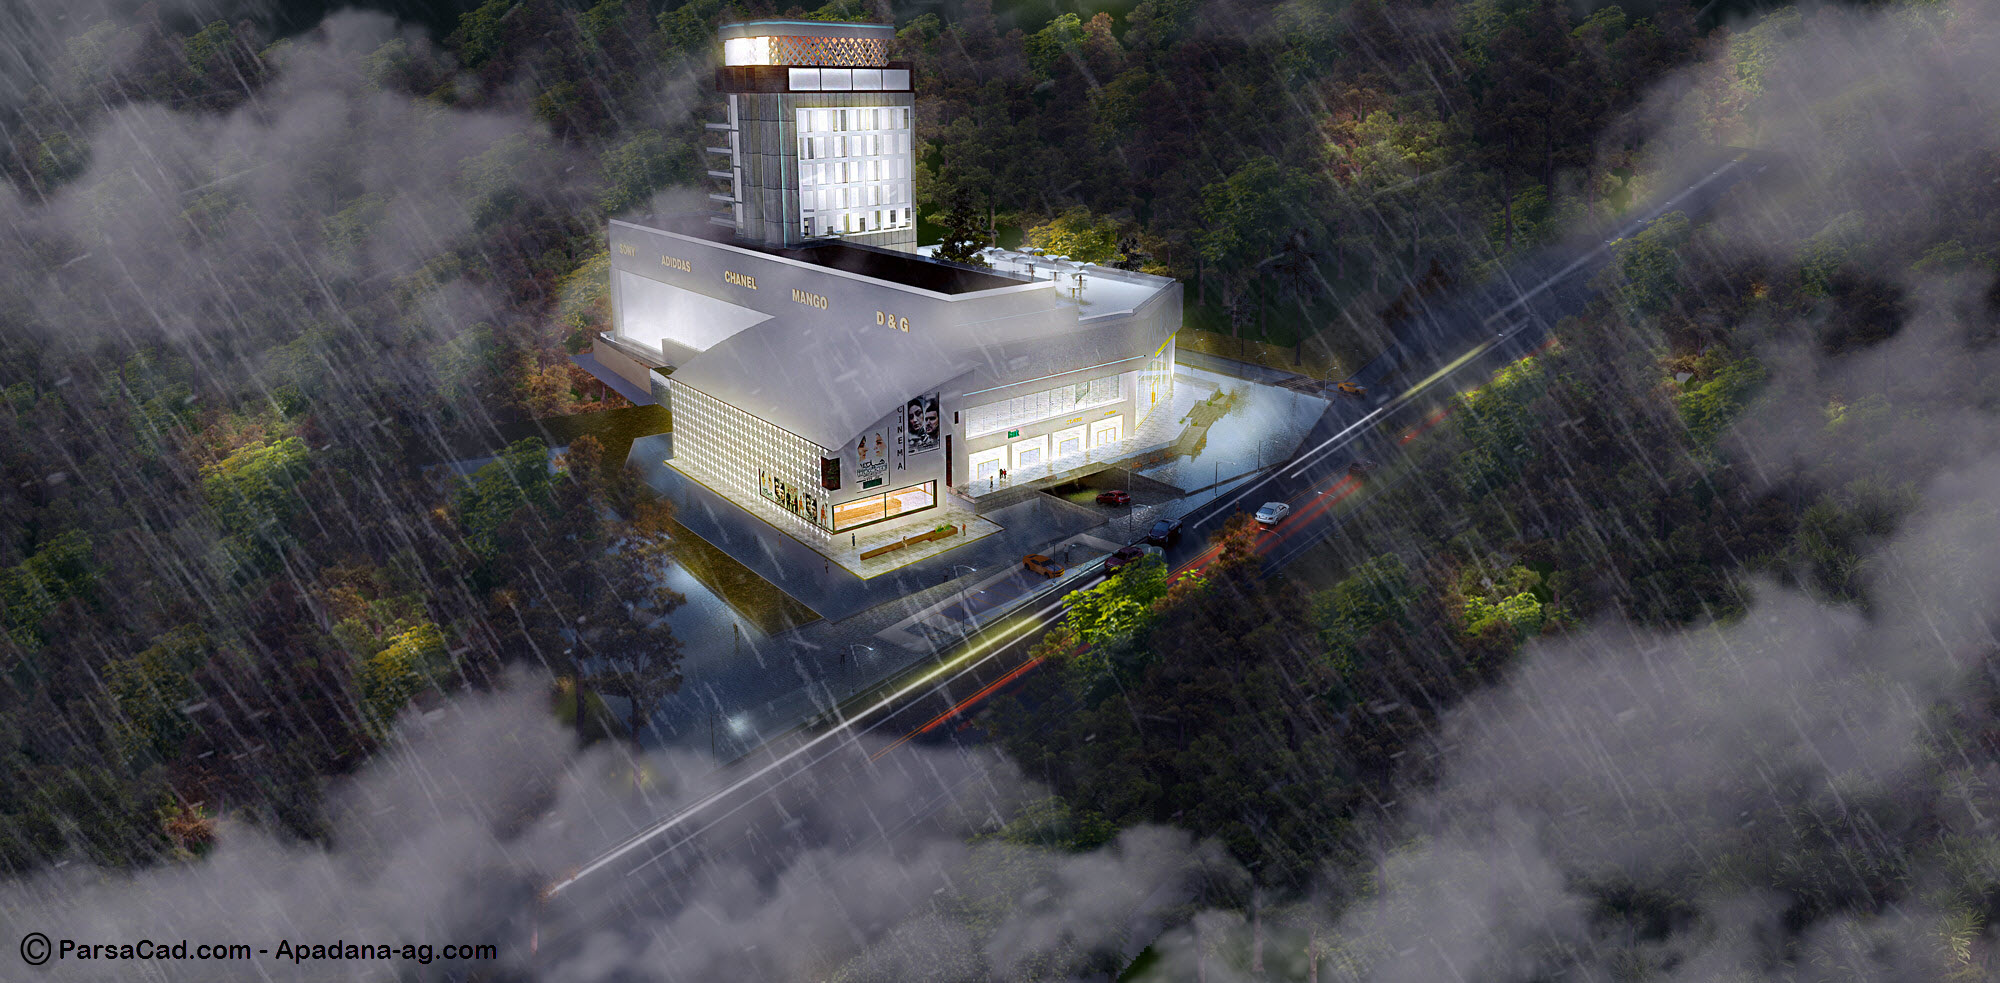 رندر در شب,طراحی مرکز تجاری تفریحی,رندر از مجتمع تجاری تفریحی